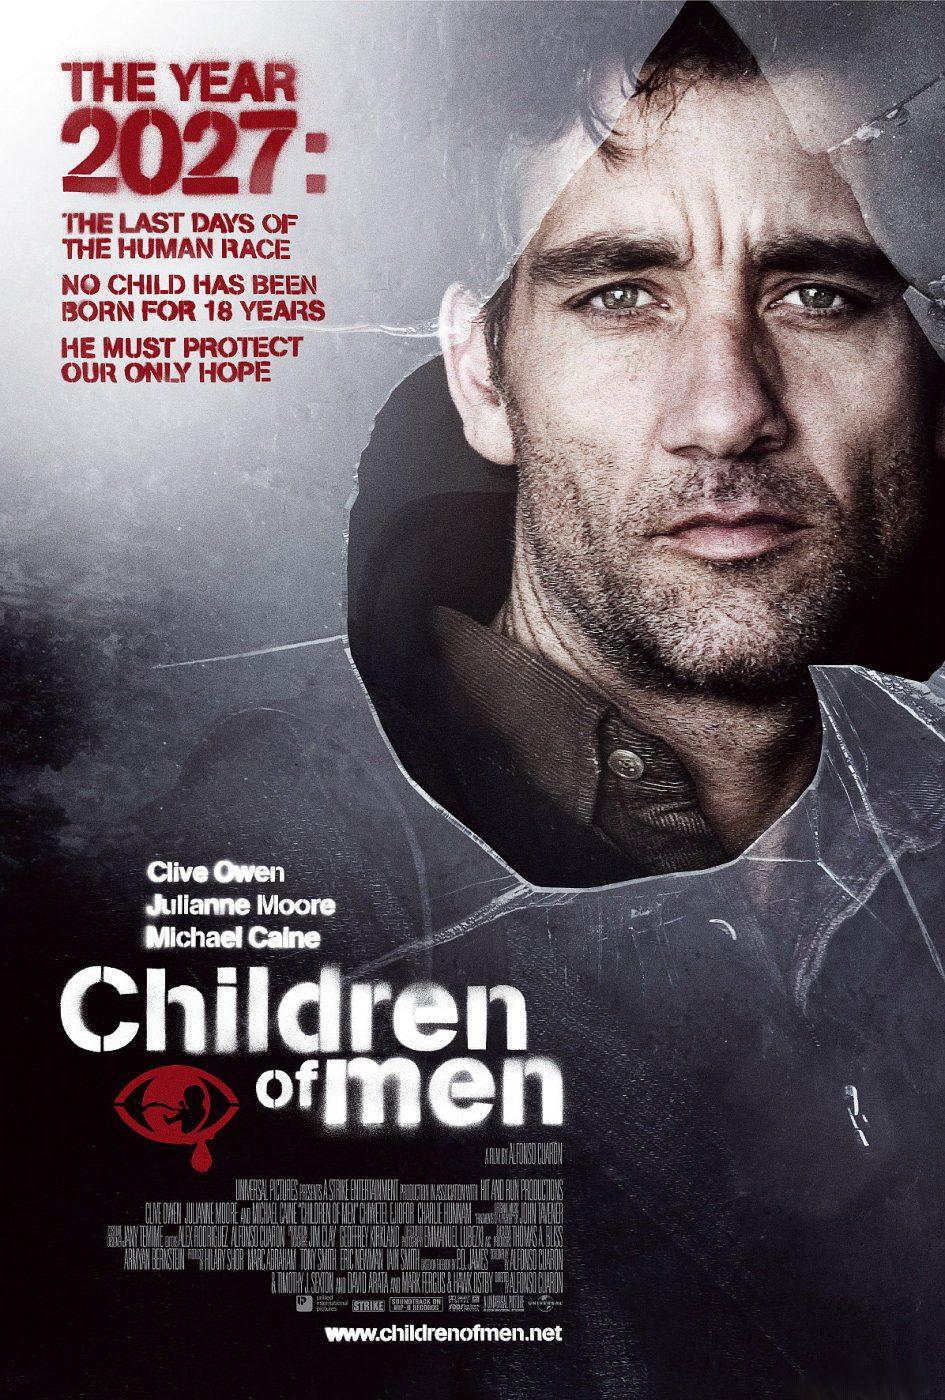 Cartel EEUU de 'Hijos de los hombres'